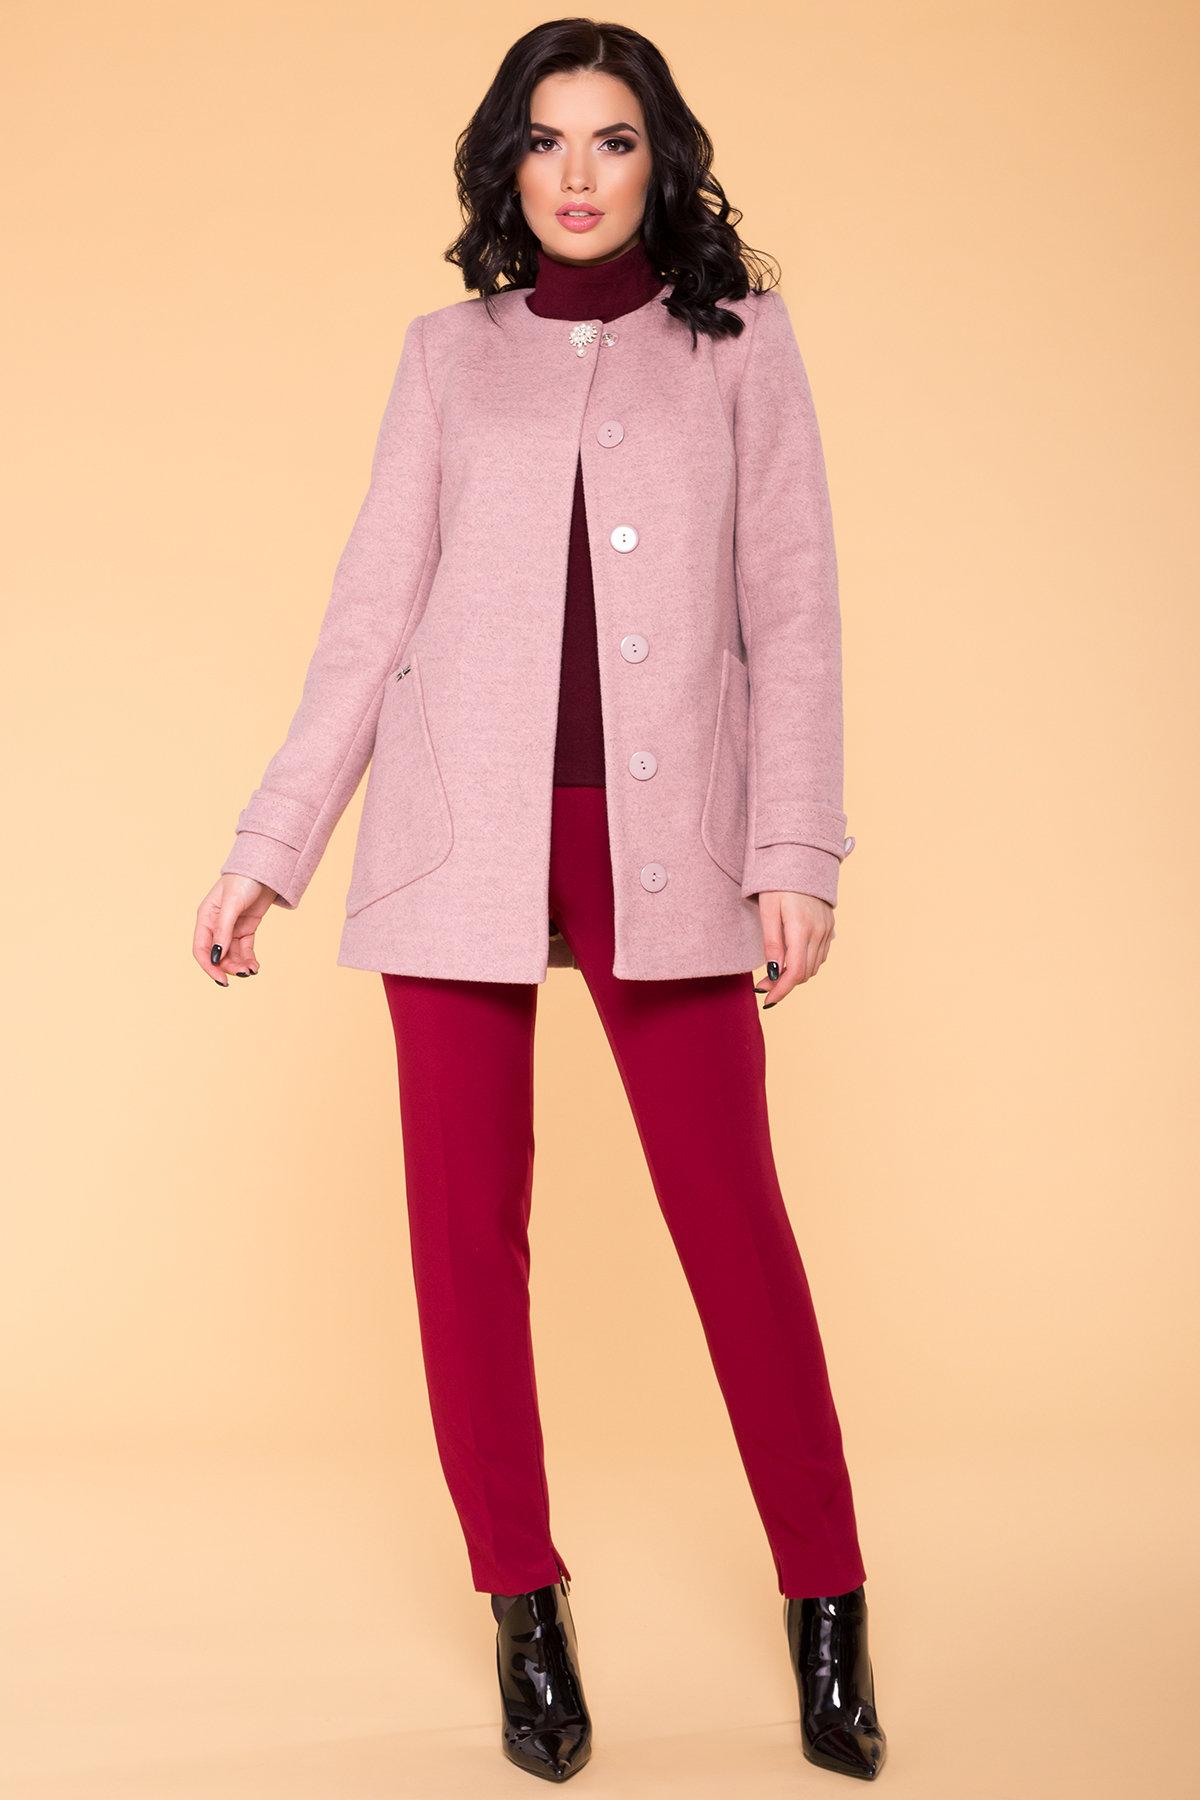 Пальто Латте 5637 АРТ. 41008 Цвет: Серо-розовый 7 - фото 3, интернет магазин tm-modus.ru